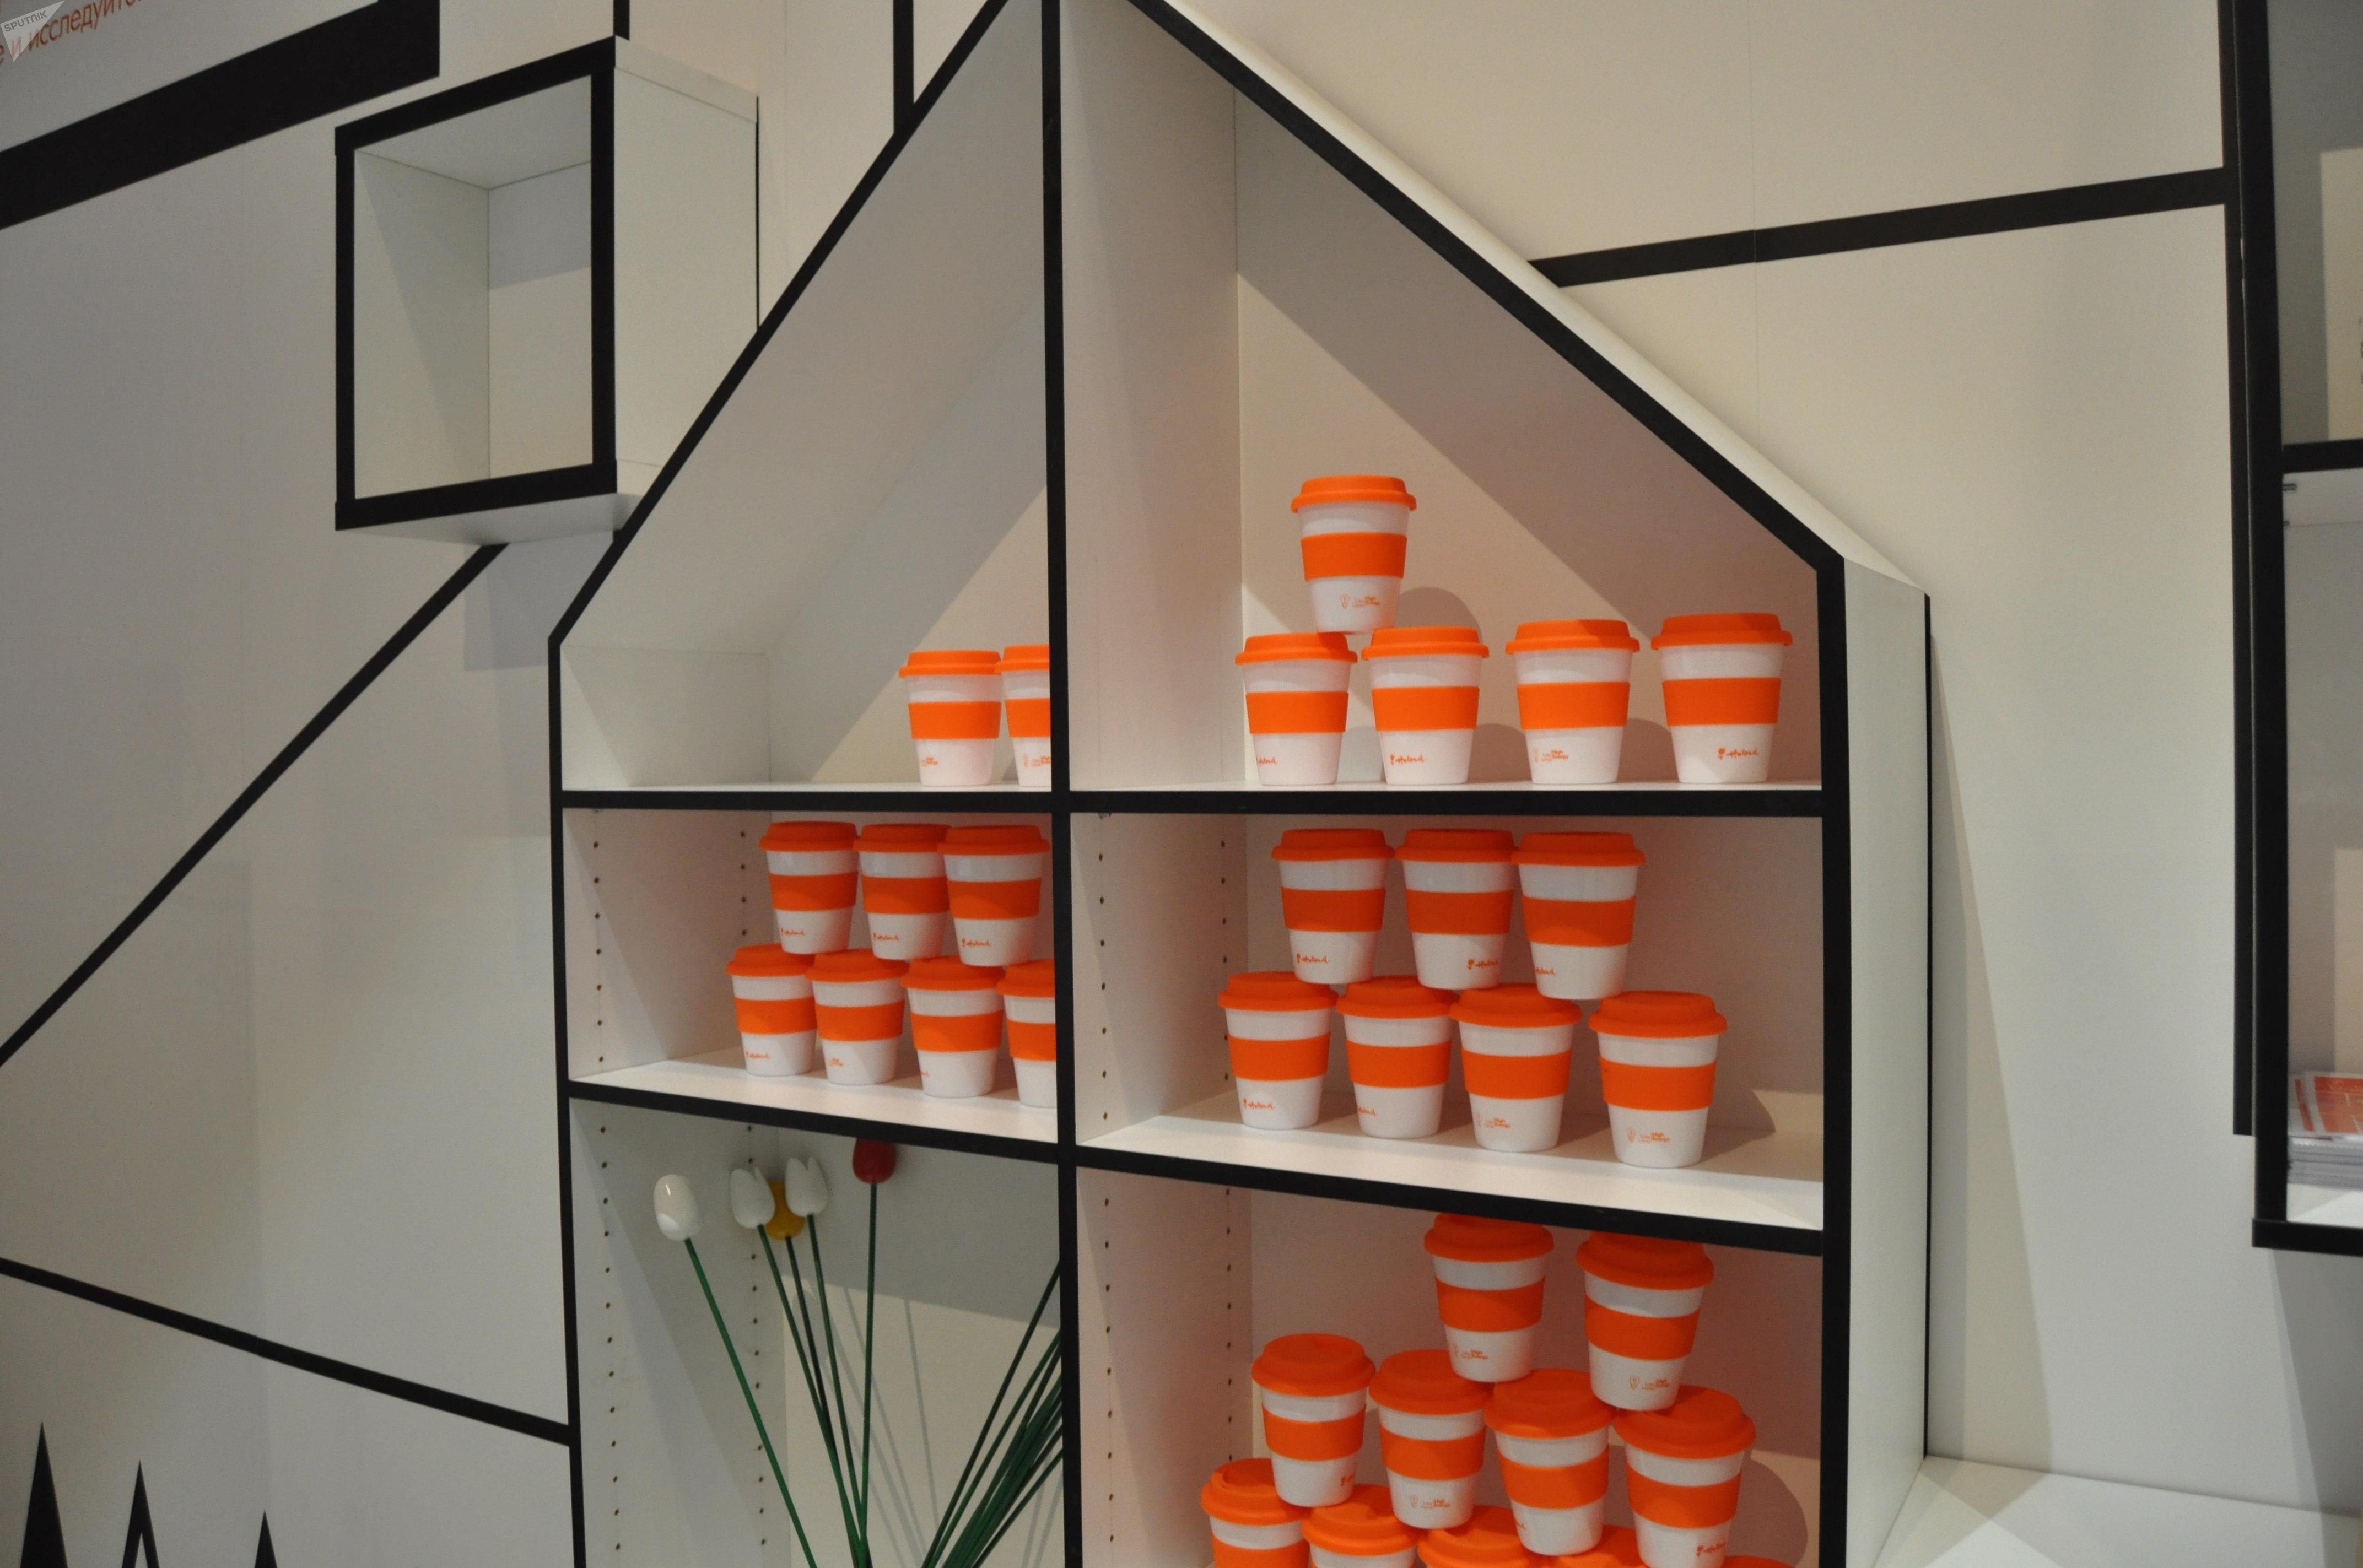 Многоразовые стаканчики для кофе в павильоне Голландии